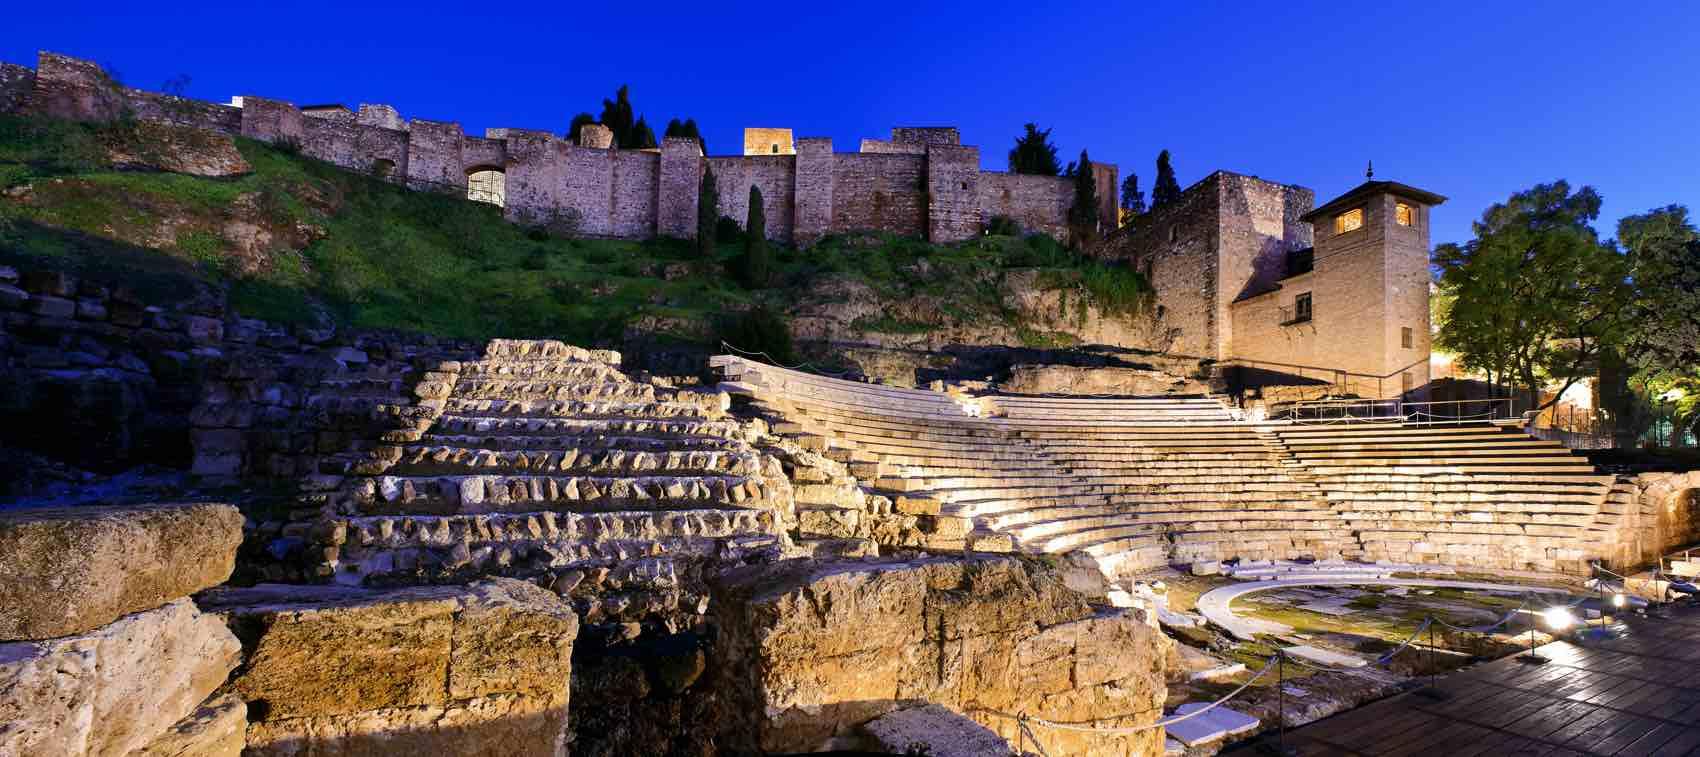 The Moorish Alcazaba fortress overlooking the city's restored Roman Amphitheater.